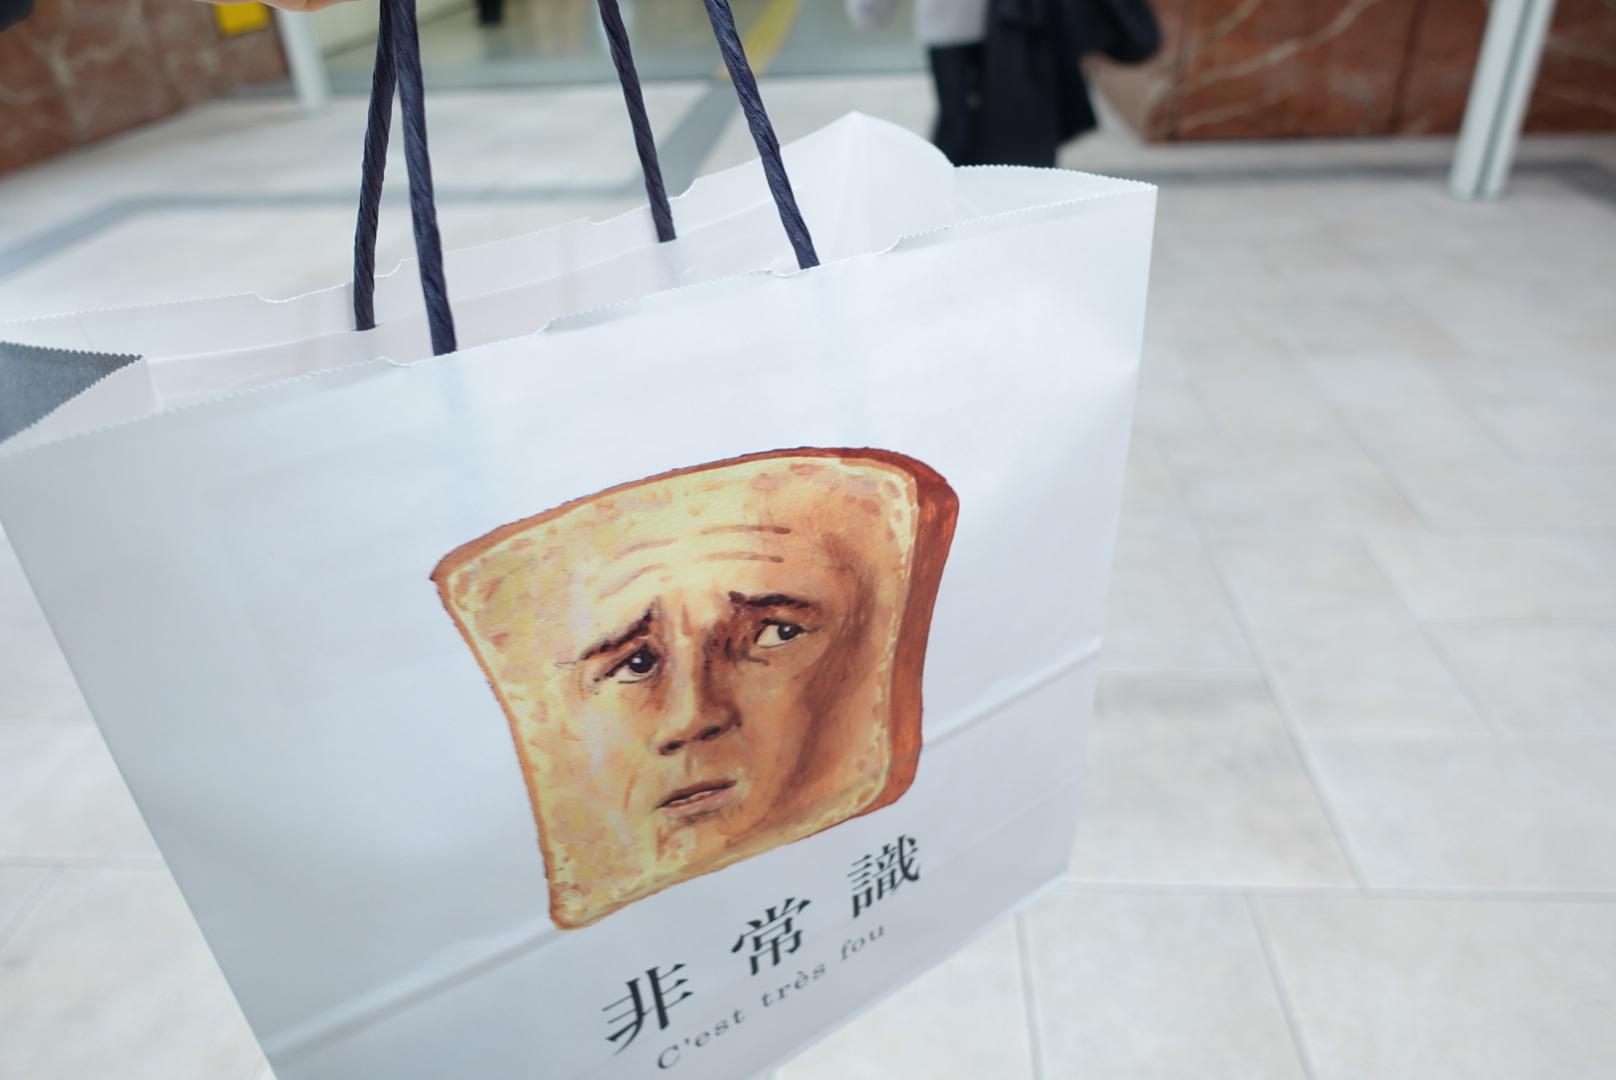 食べてみたらわかる!?紙袋と店名が独特!高級食パン『非常識』最近食べた高級食パンの中で一番美味しいかも!?_2